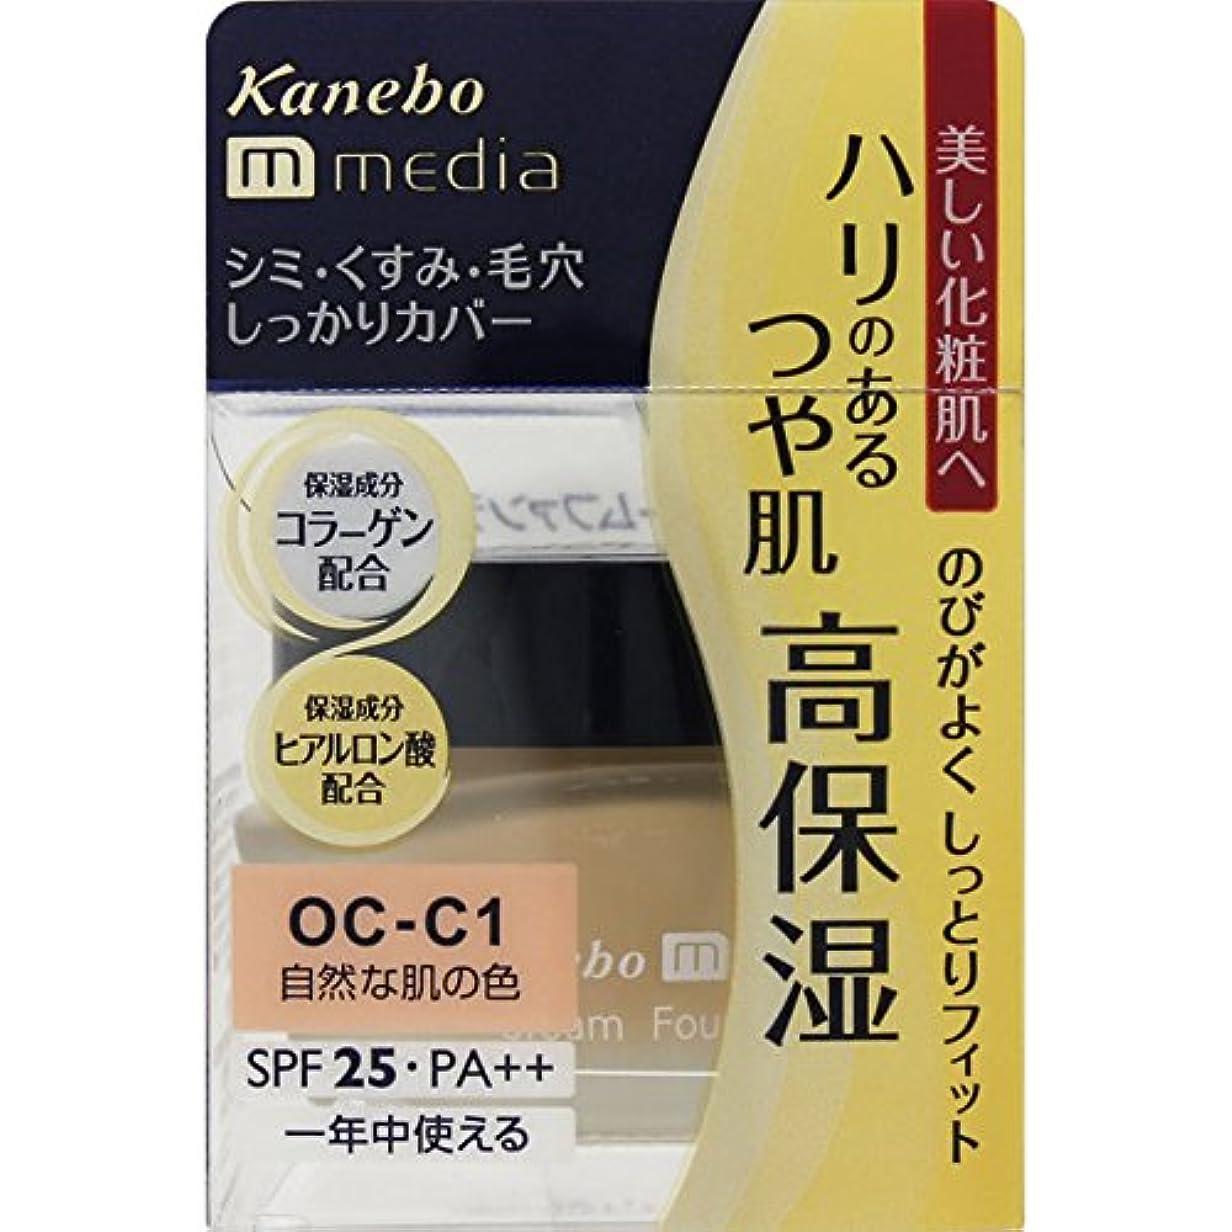 特異性科学的抹消カネボウ media(メディア) クリームファンデーション OC-C1(自然な肌の色)